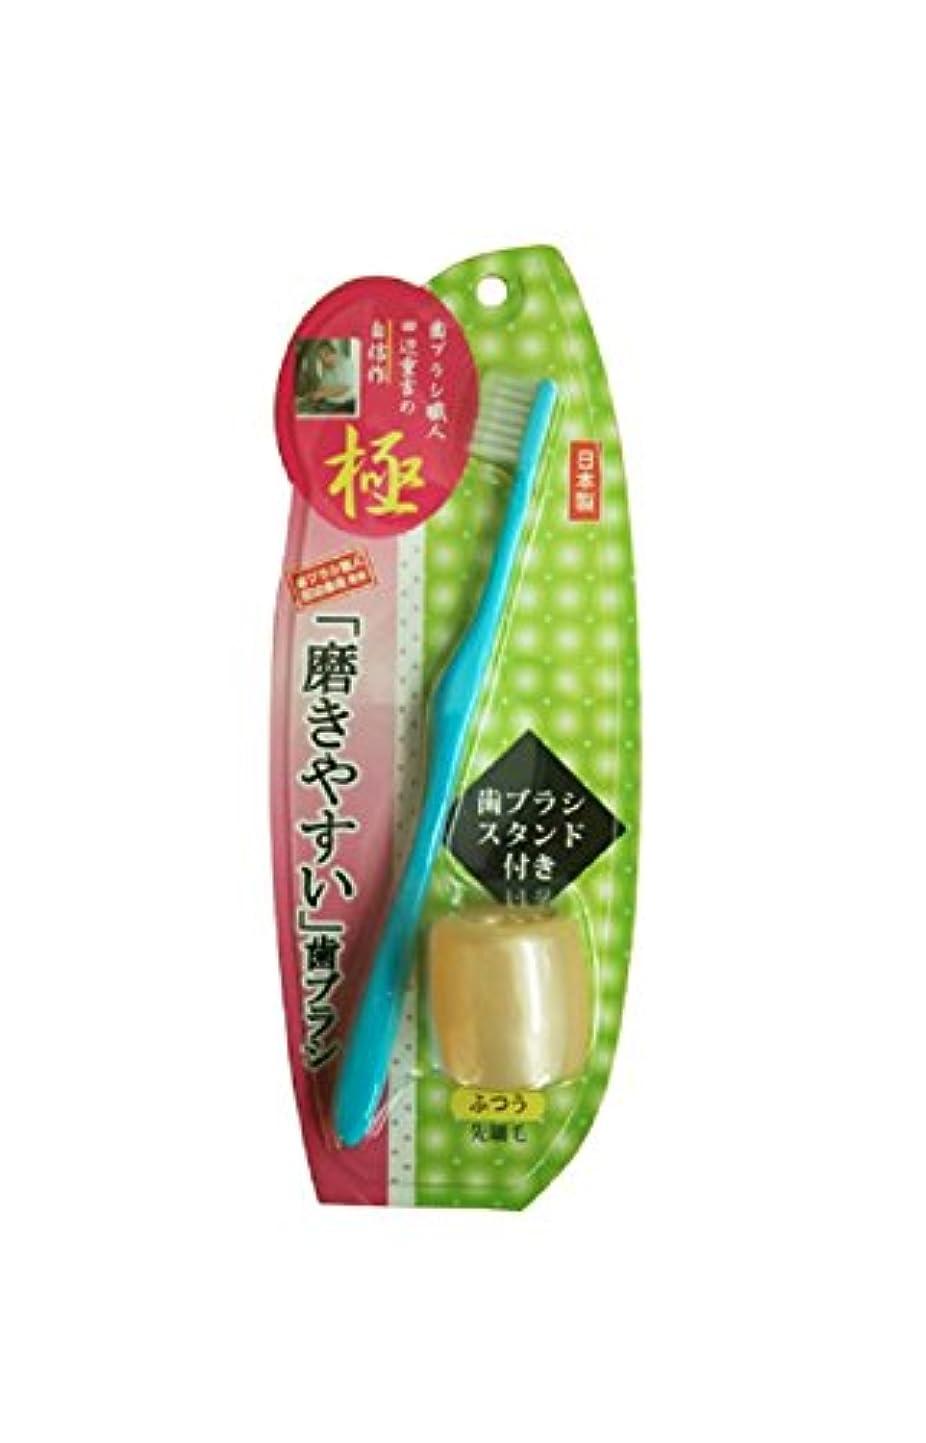 寛解半導体ギャラントリー磨きやすい歯ブラシ極 先細毛 歯ブラシスタンド付 LT-23 ブルー